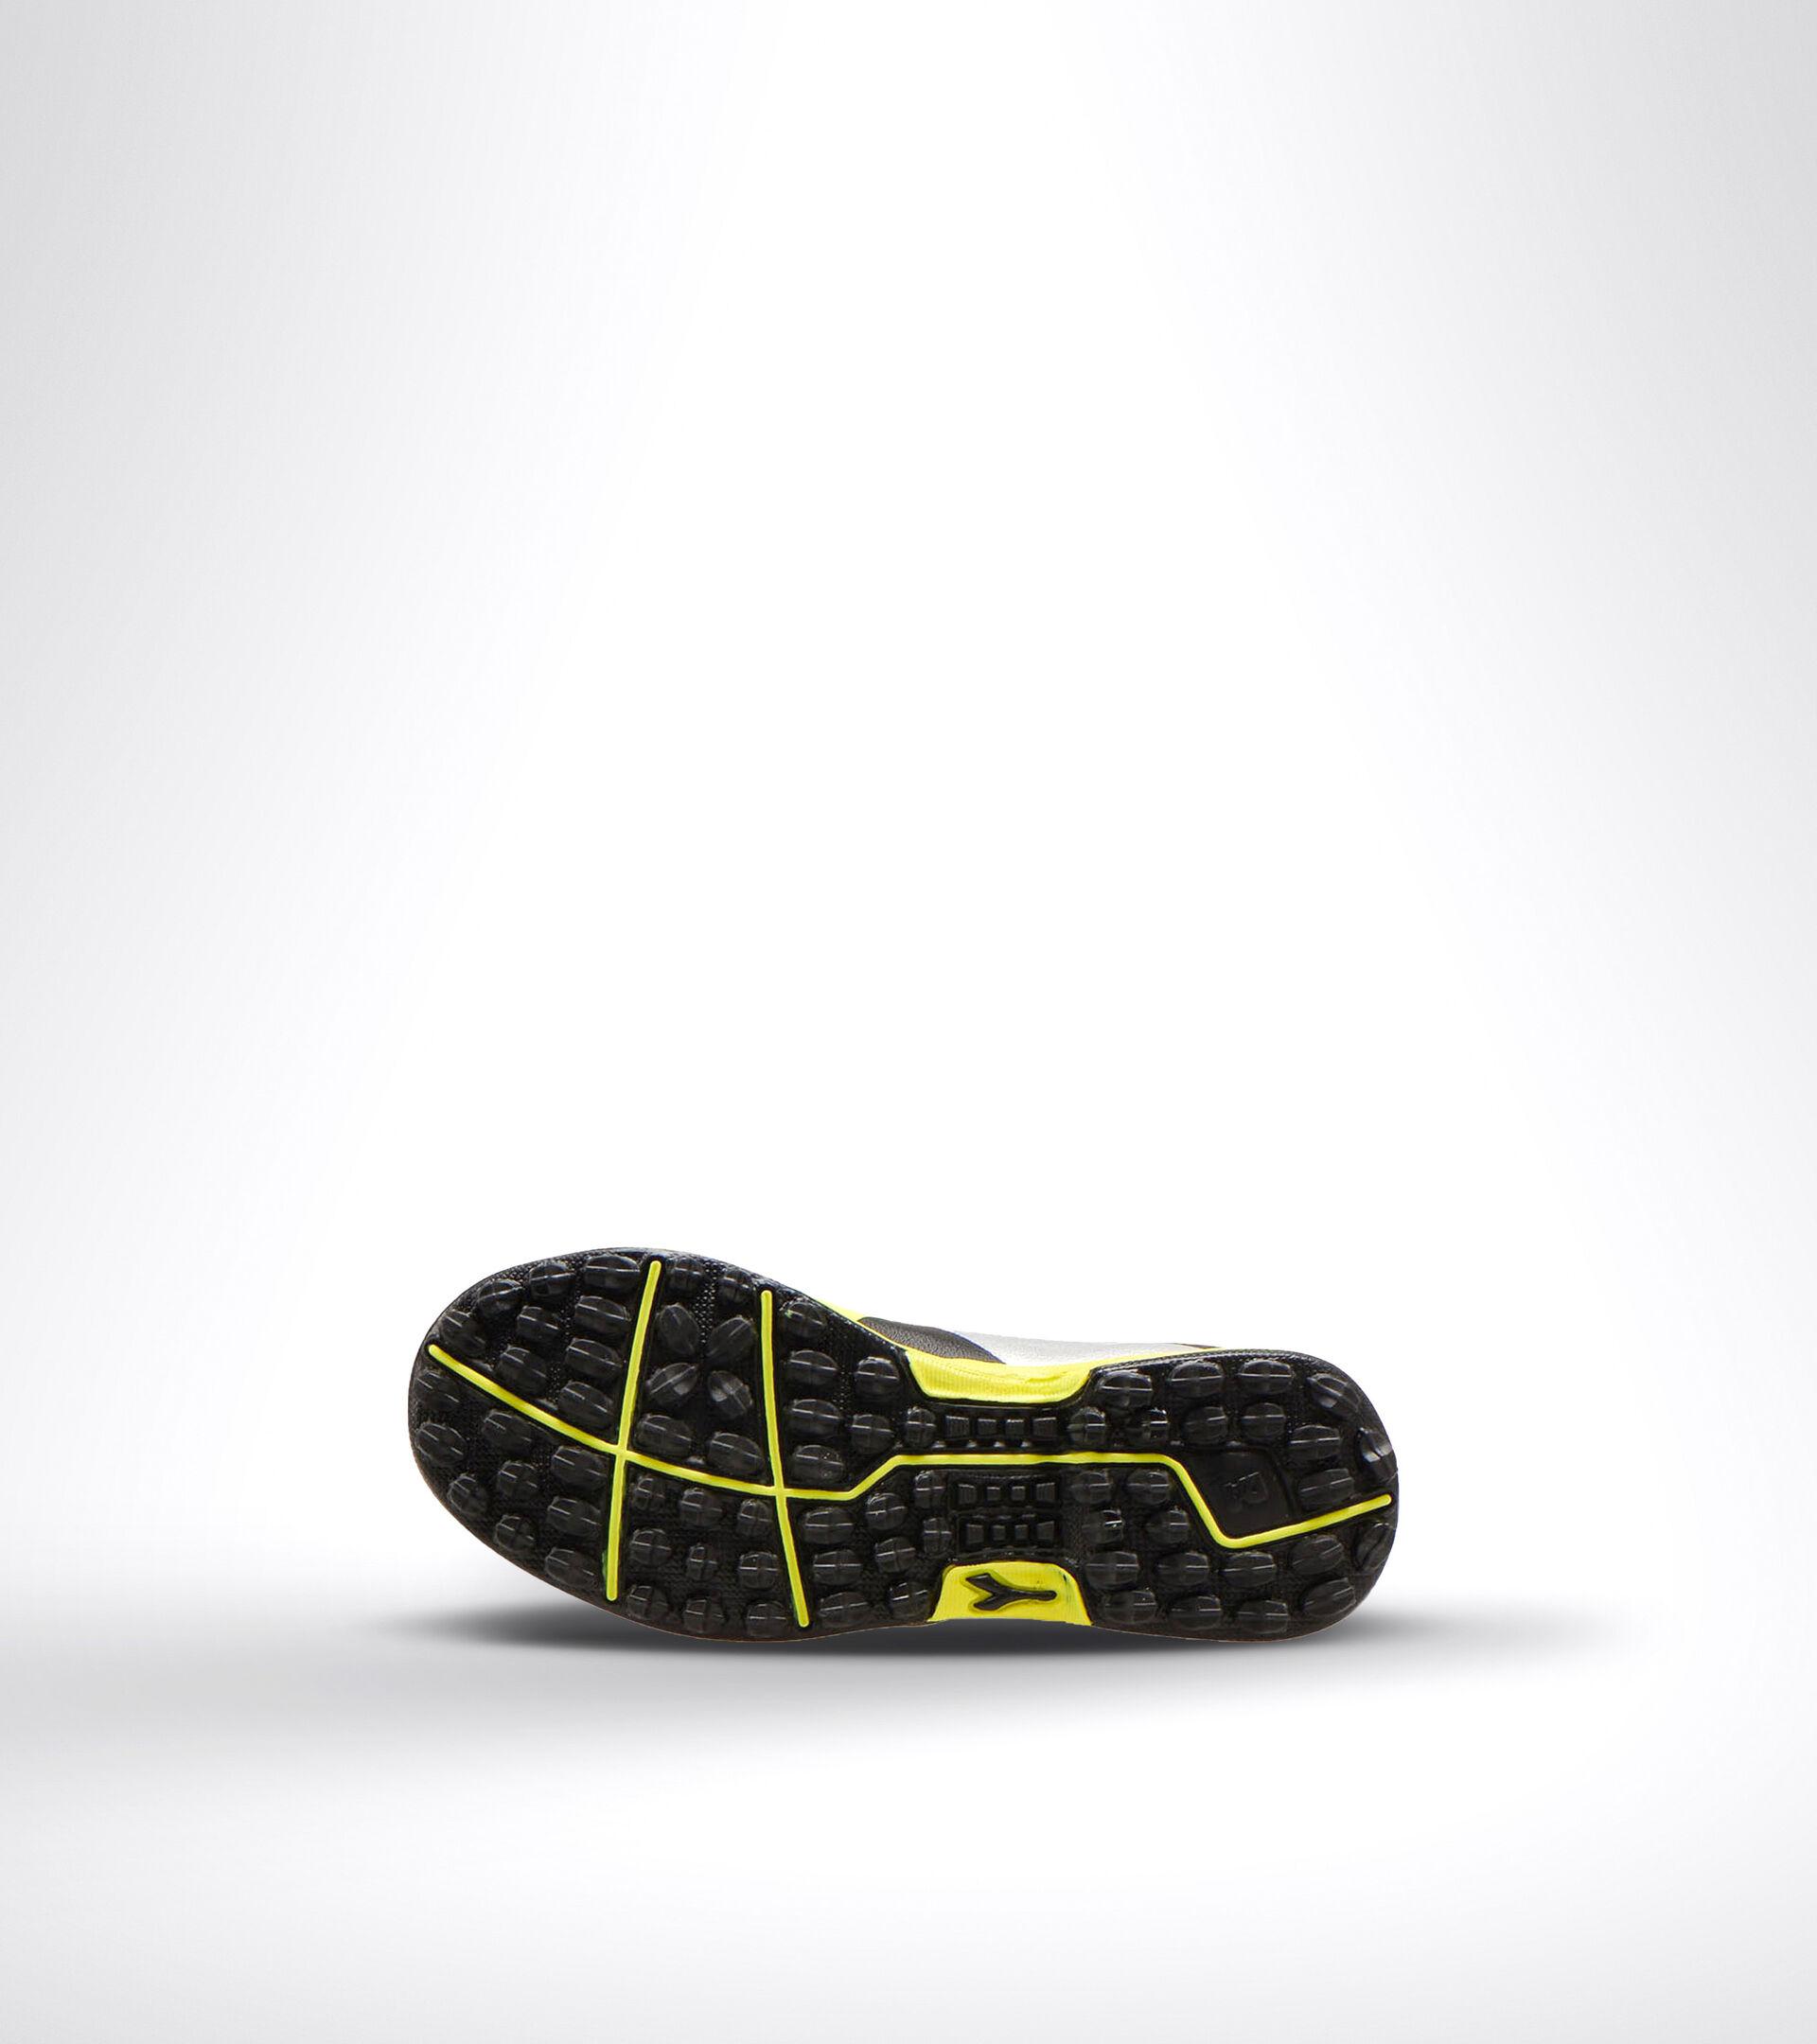 Botas de fútbol para terrenos duros y césped artificial - Unisex Niño RAPTOR R TF JR NERO/ARGENTO/GIALLO FL DD - Diadora